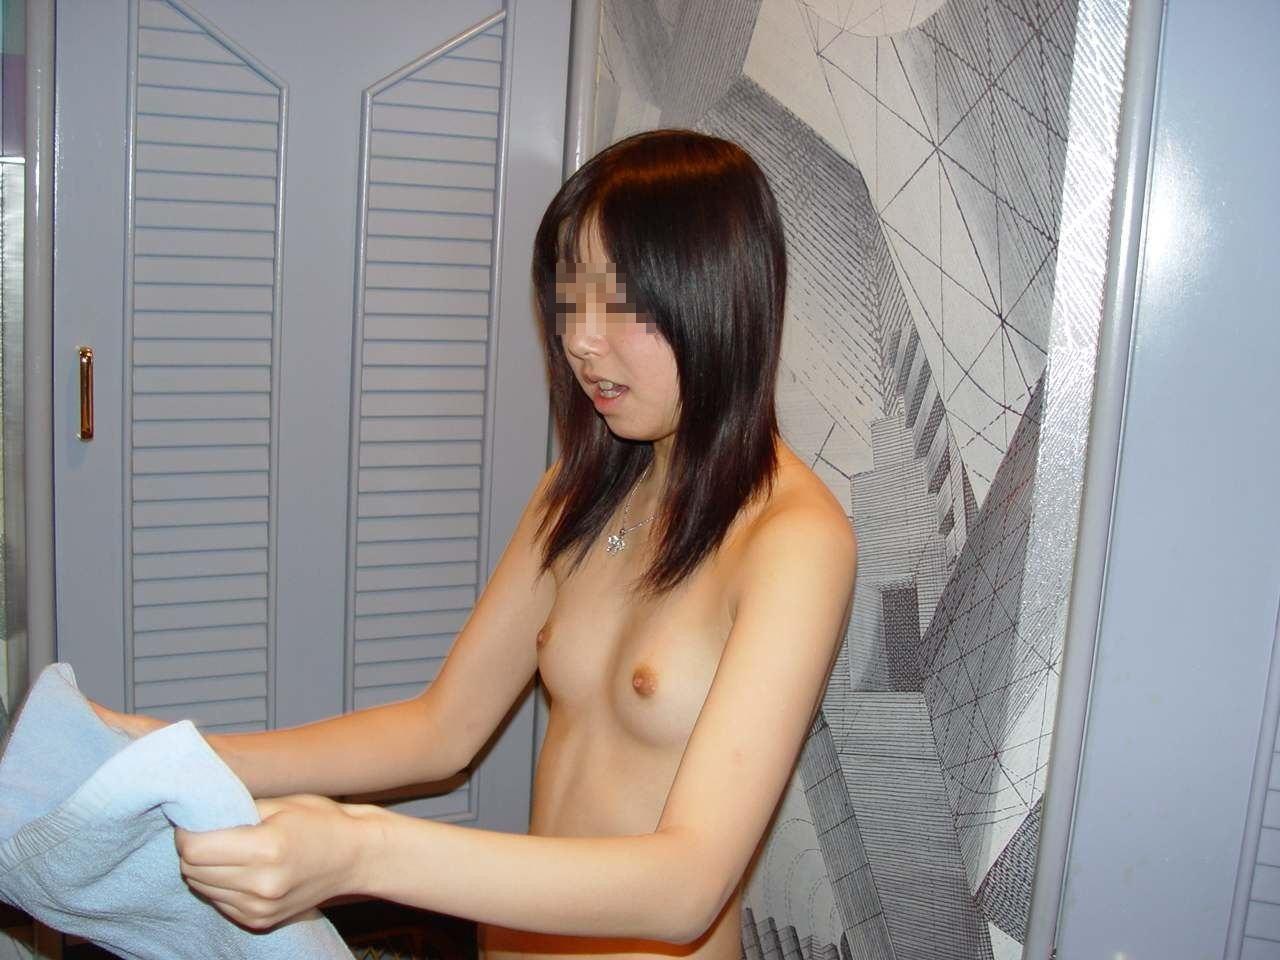 貧乳 微乳 ちっぱい 素人 エロ画像【26】